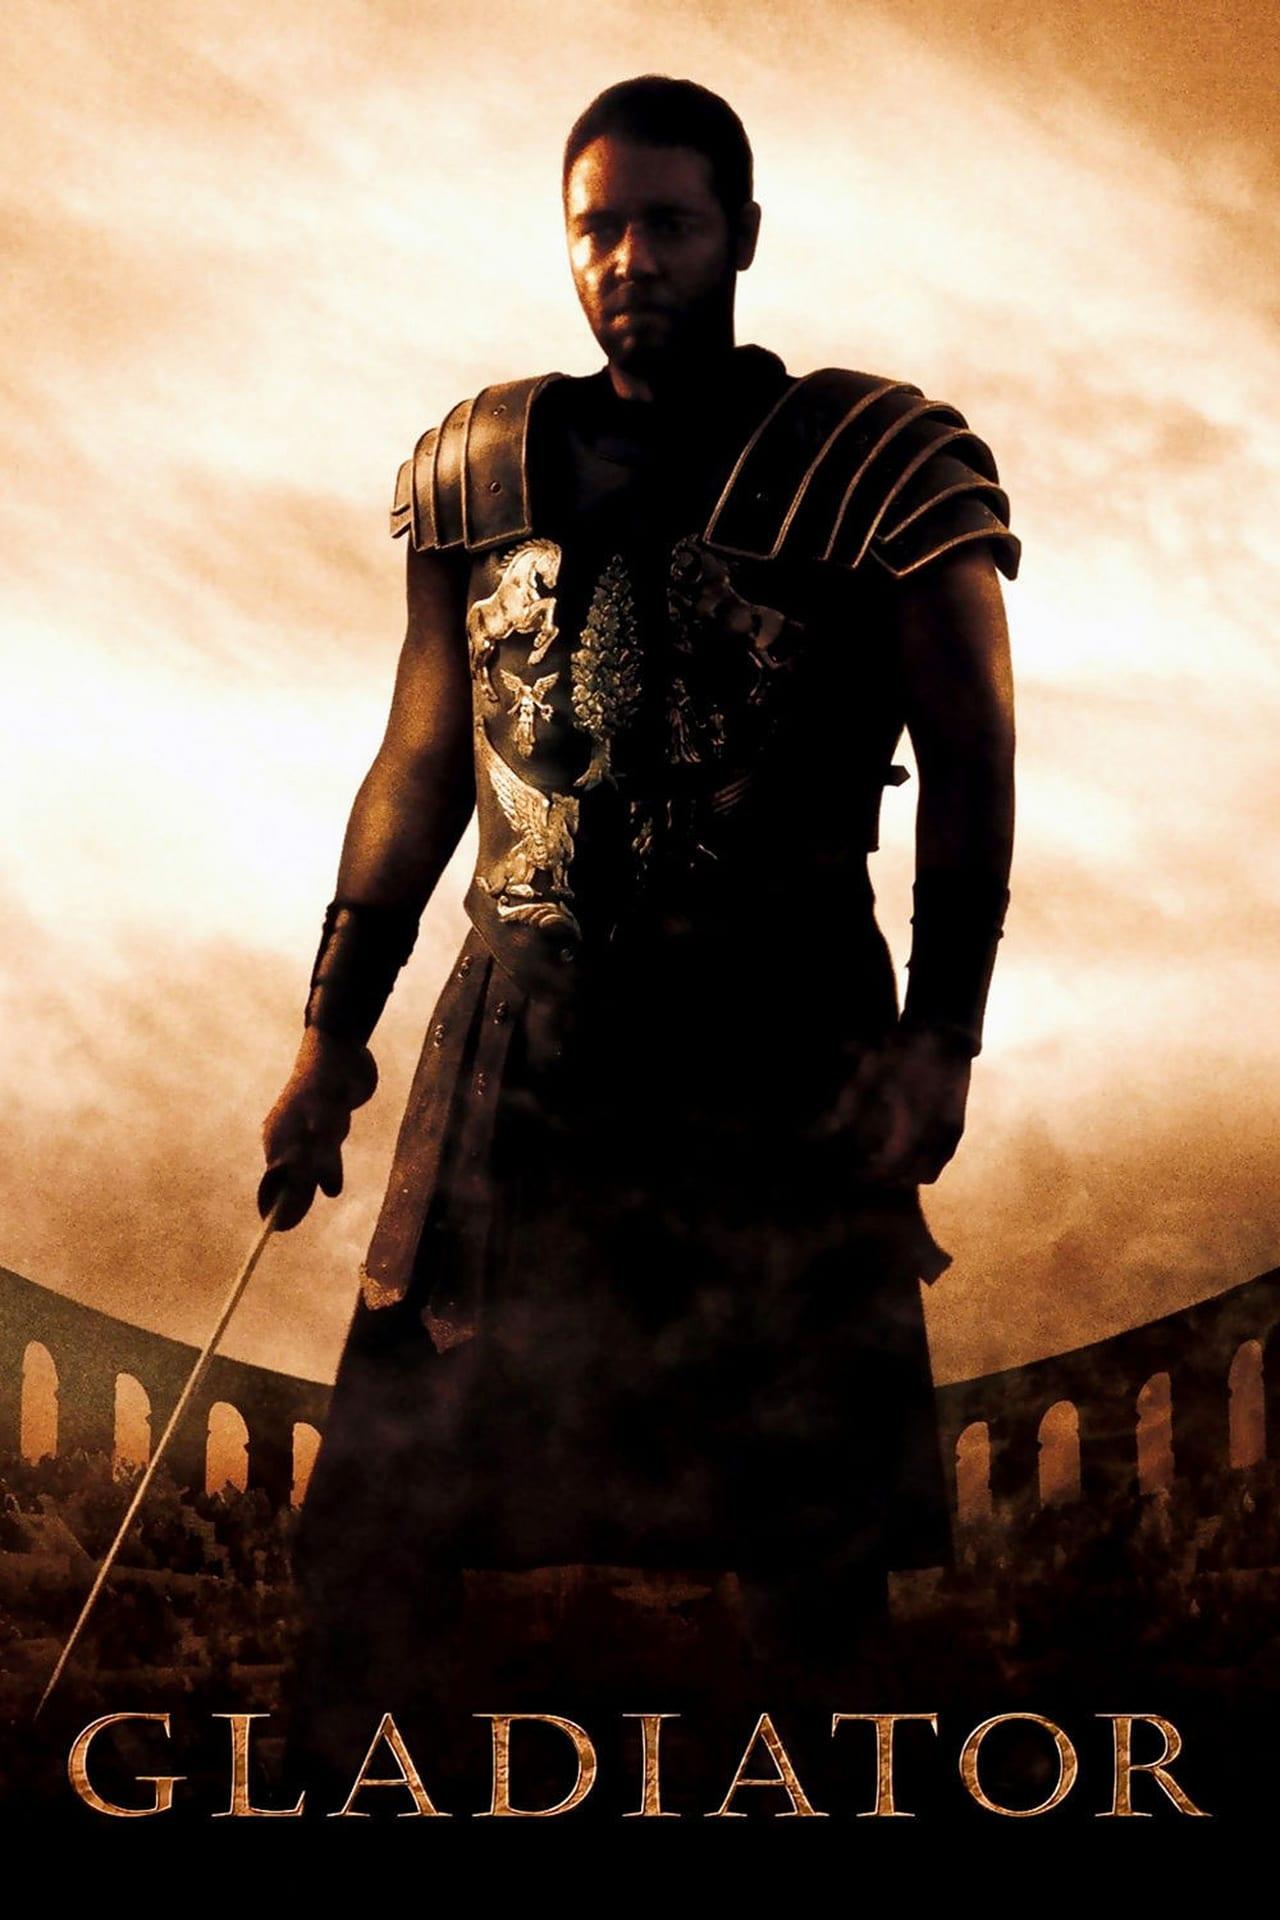 Gladiator by Ridley Scott